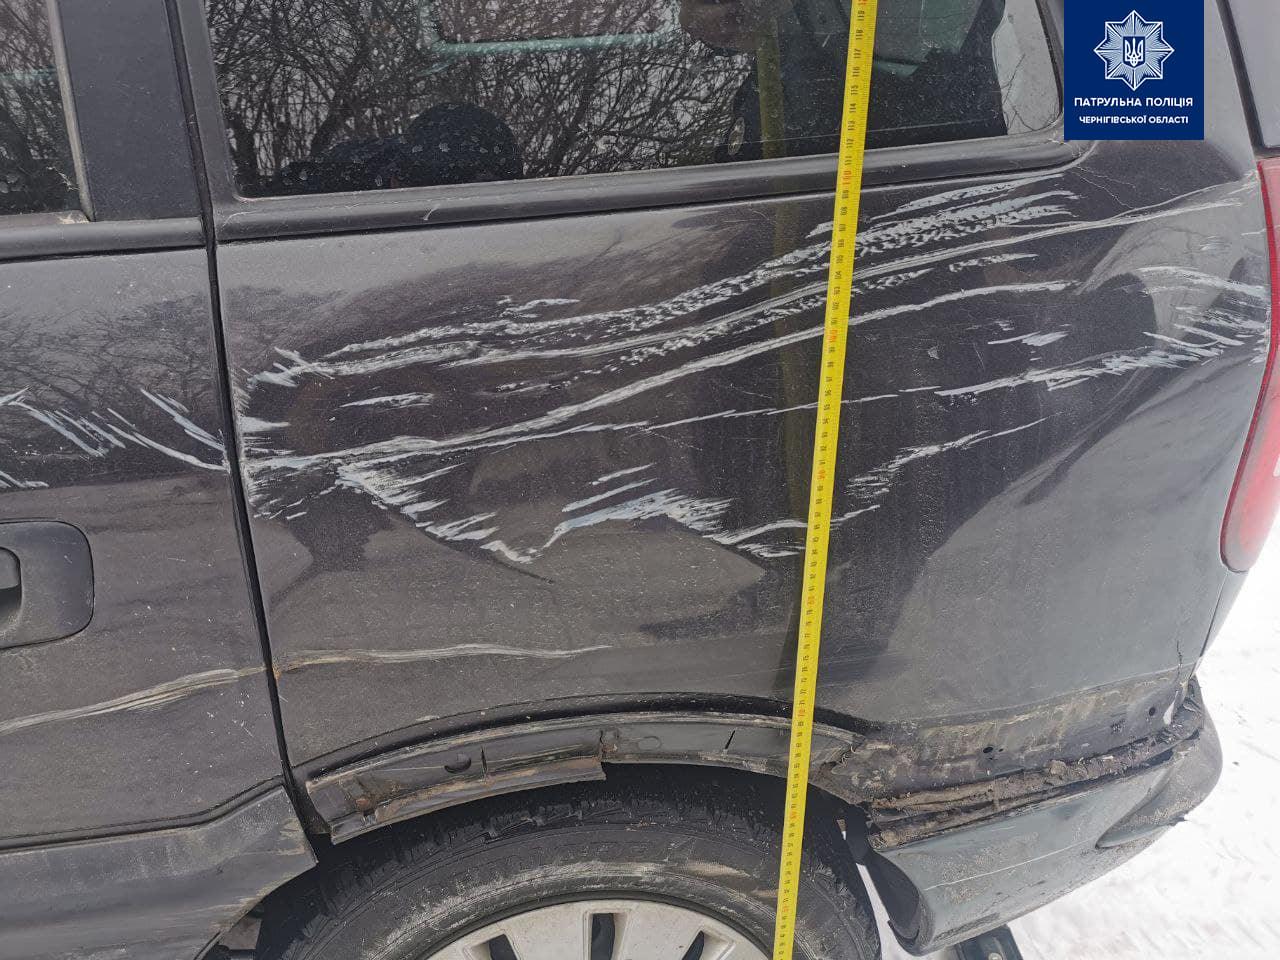 Патрульні розшукали два автомобілі, водії яких залишили місце ДТП (Фото)